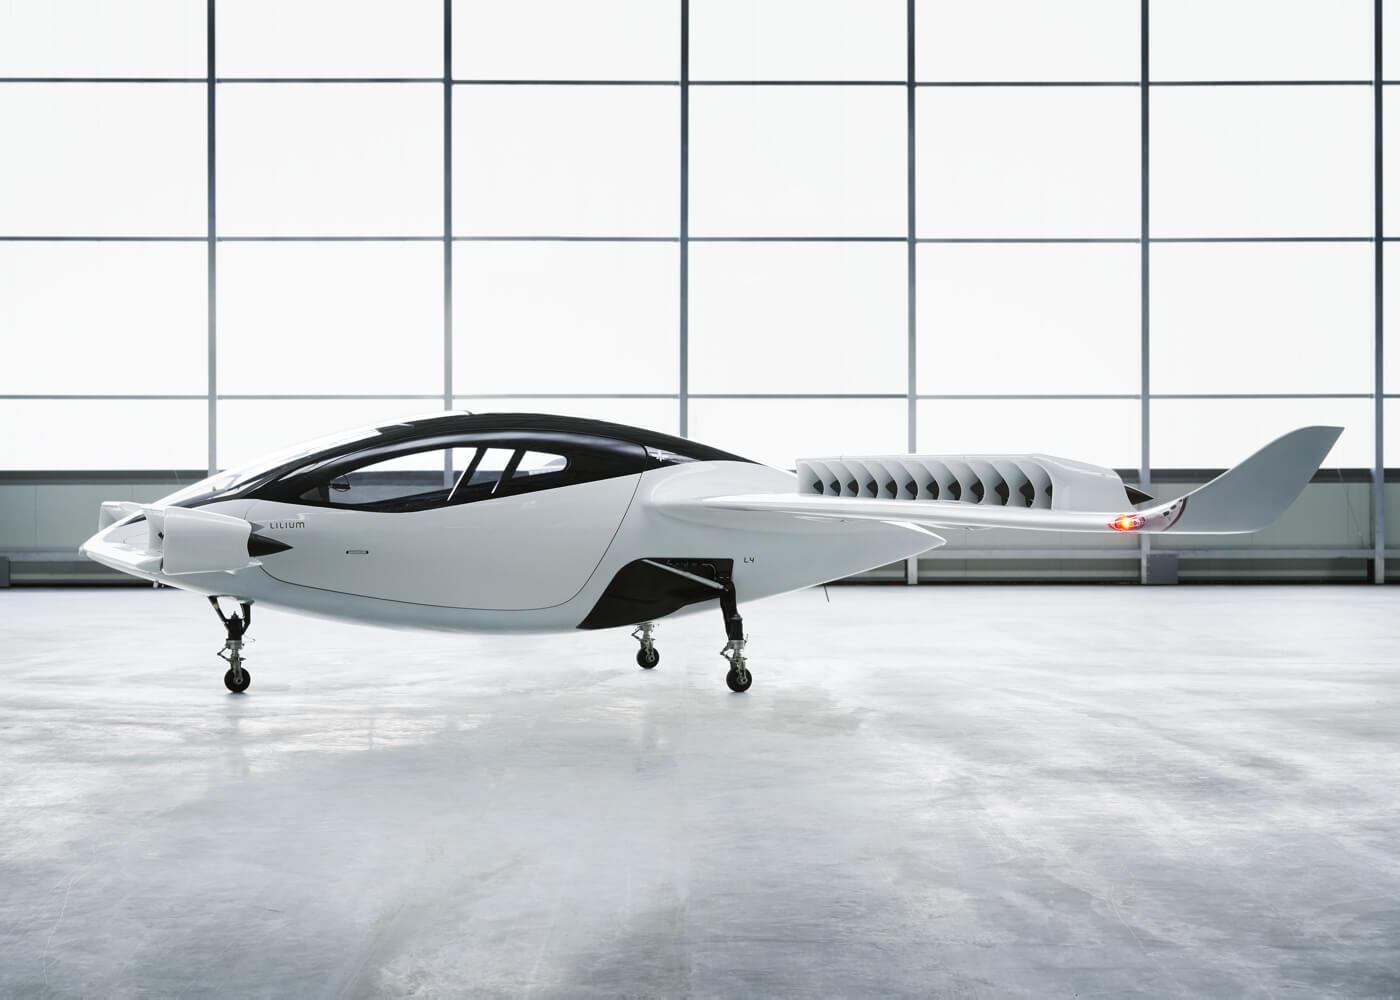 Lilium Jet: электрическое воздушное такси с вертикальным взлетом